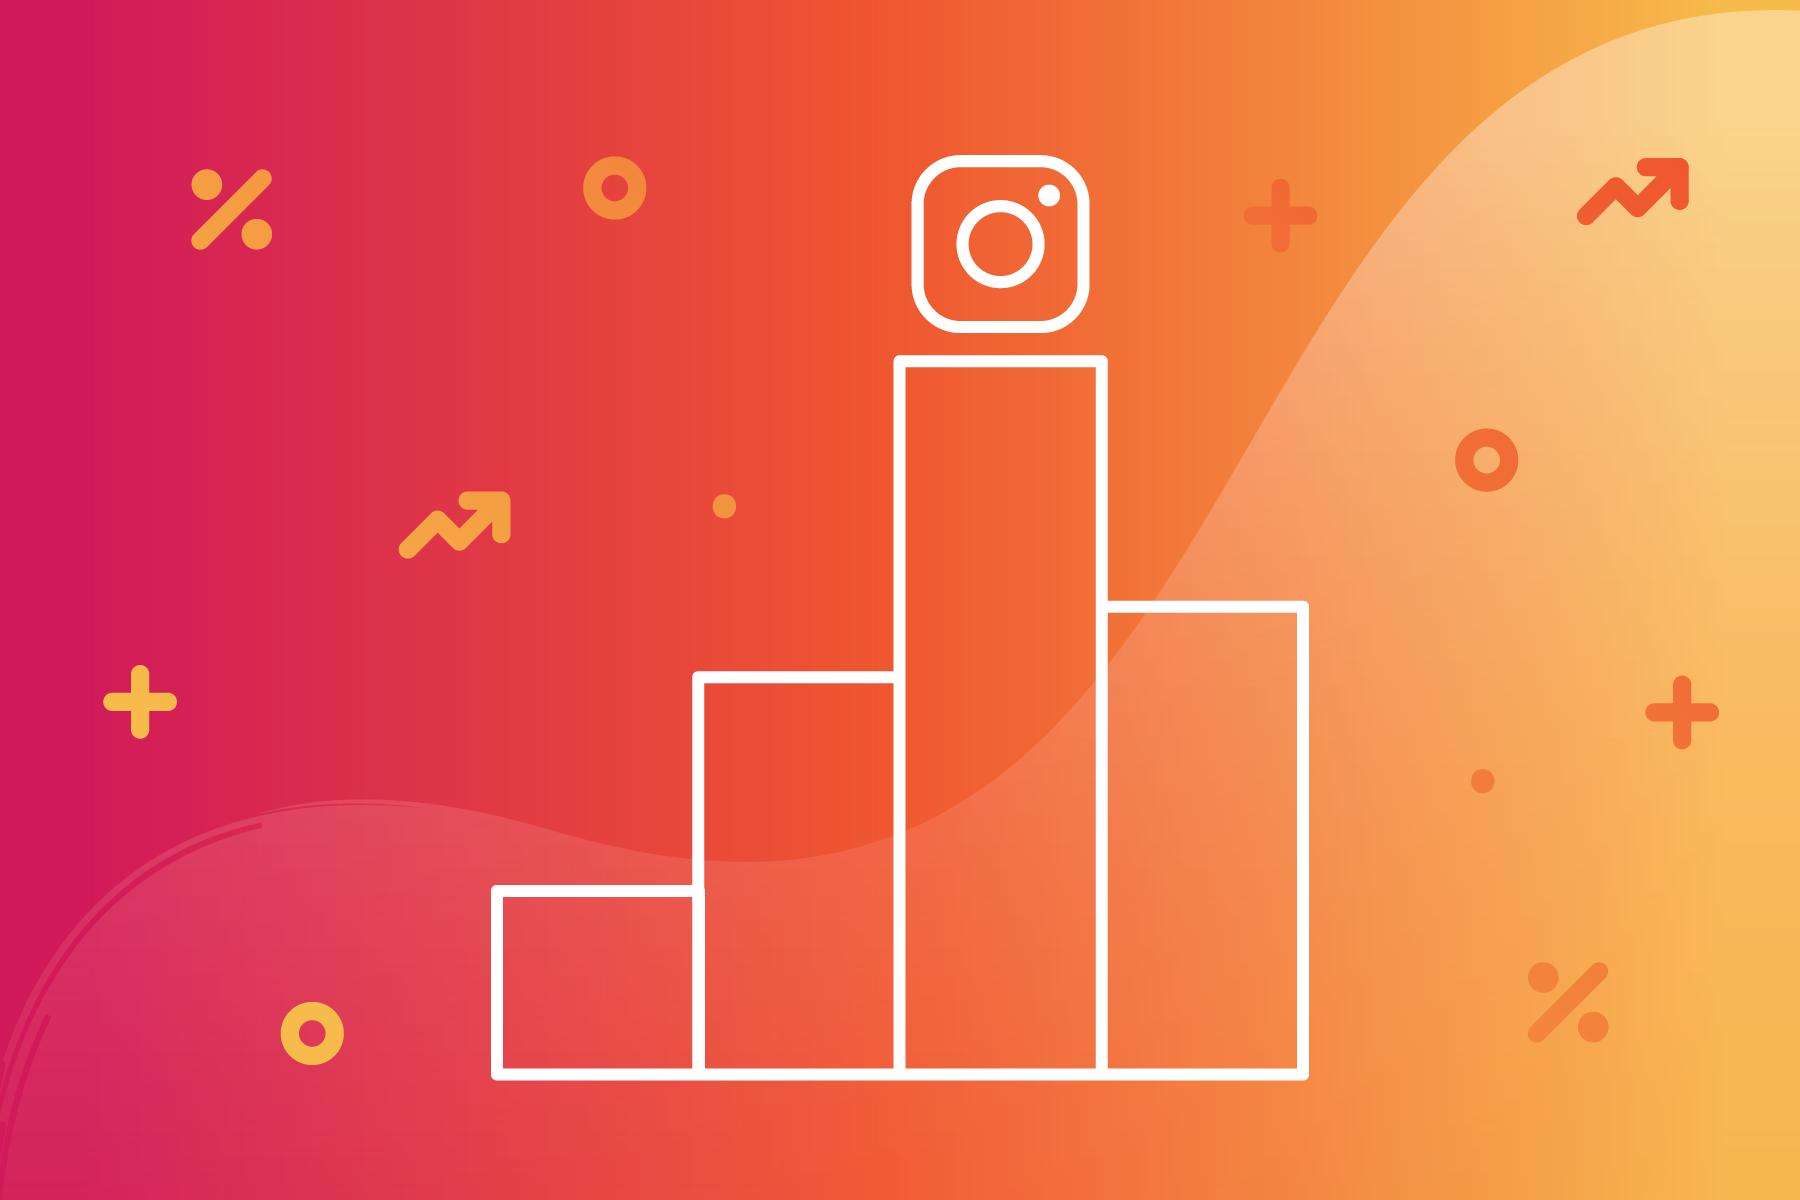 instagram-analytics-insights